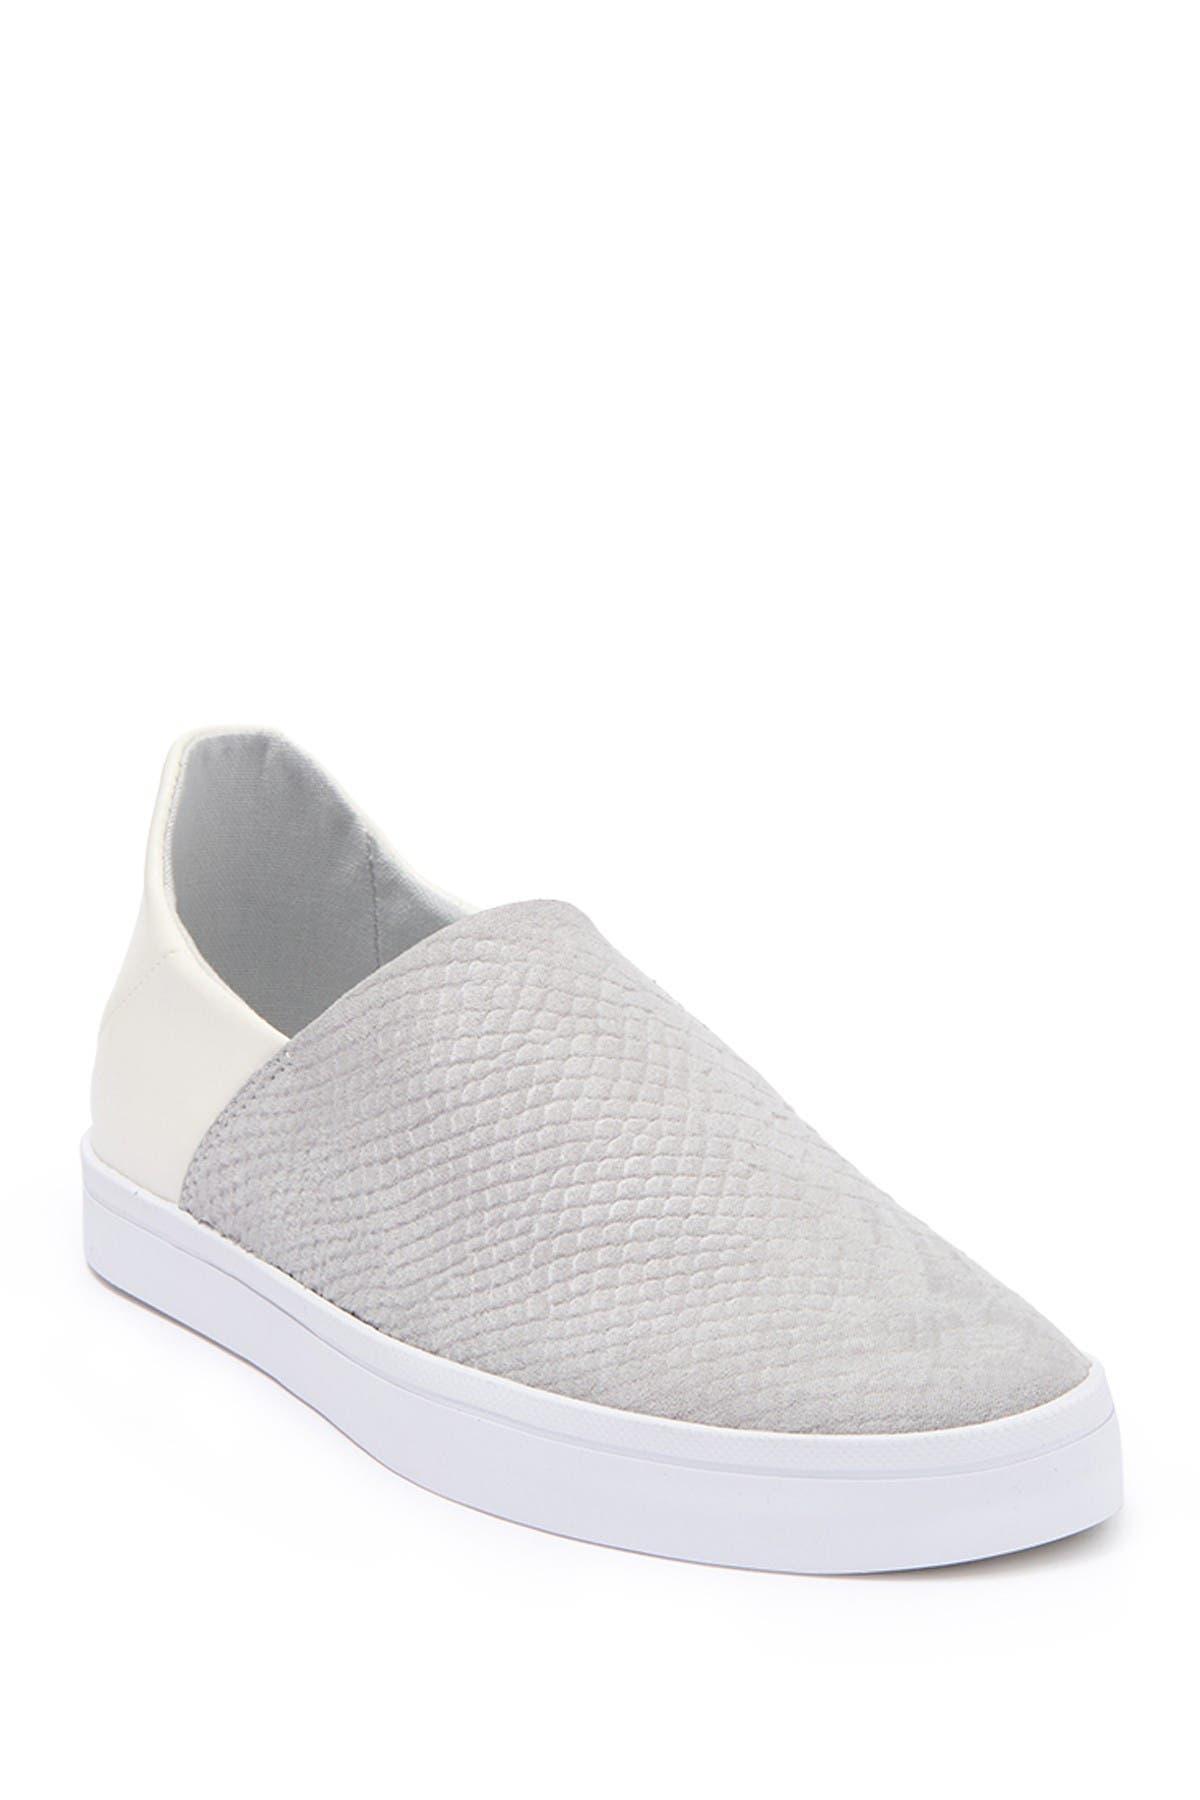 Image of Creative Recreation Dano Snakeskin Embossed Slip-On Sneaker